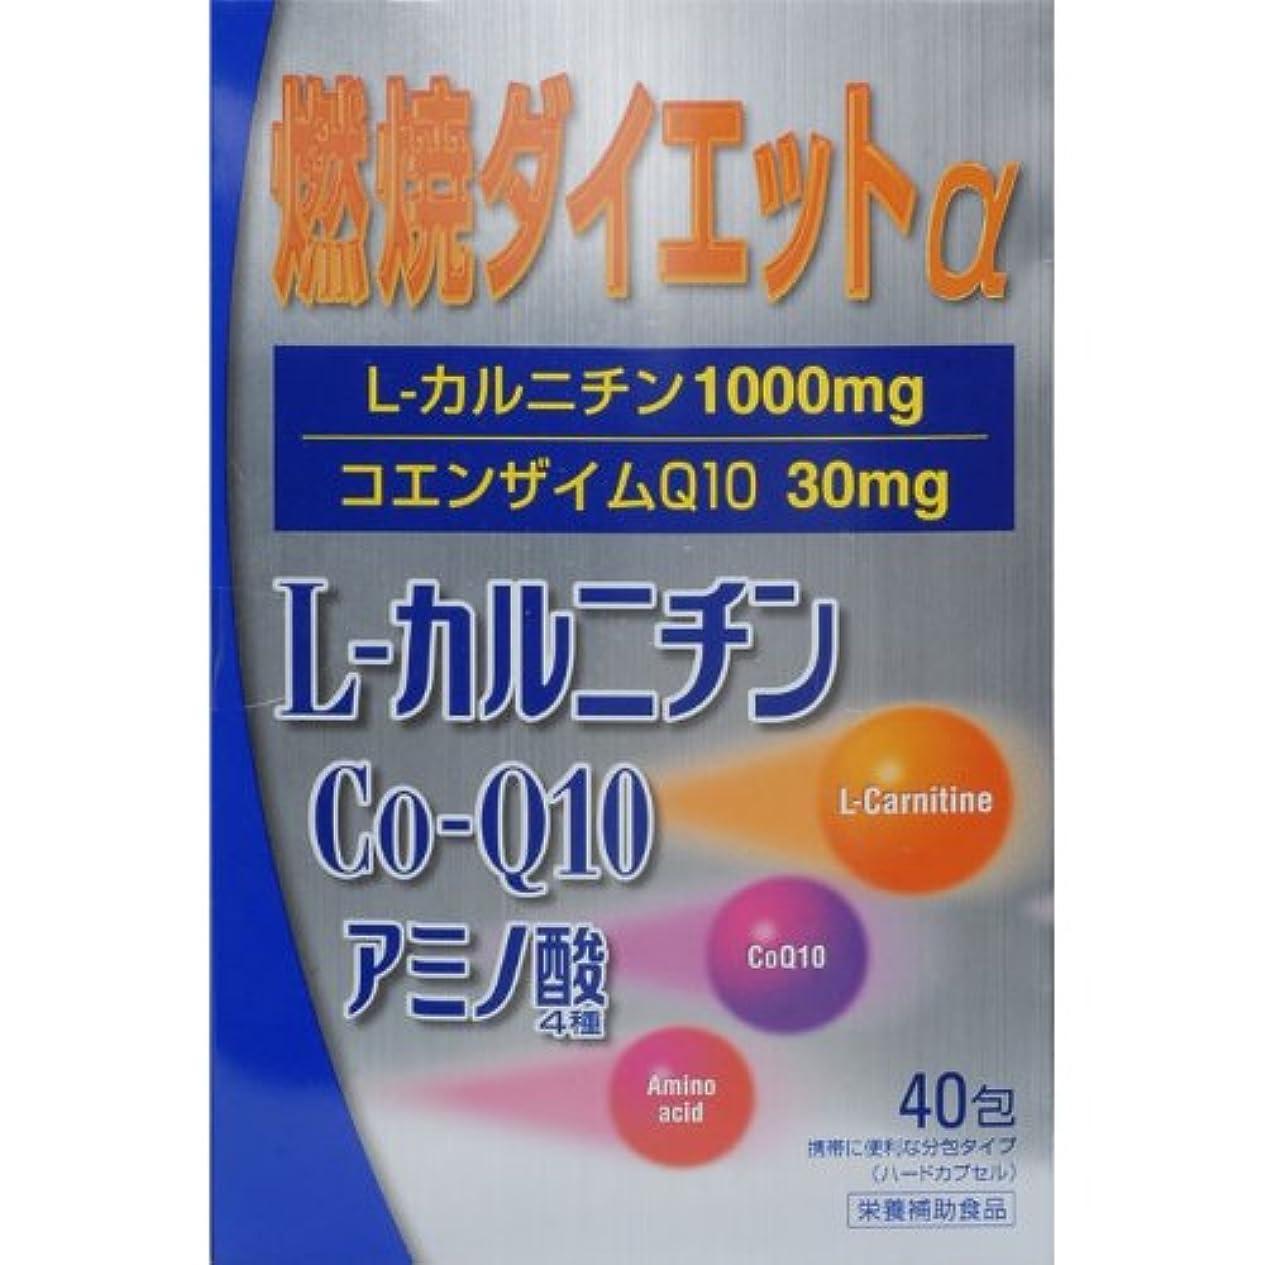 時折透明に協力する燃焼ダイエットL‐カルニチンα 40包